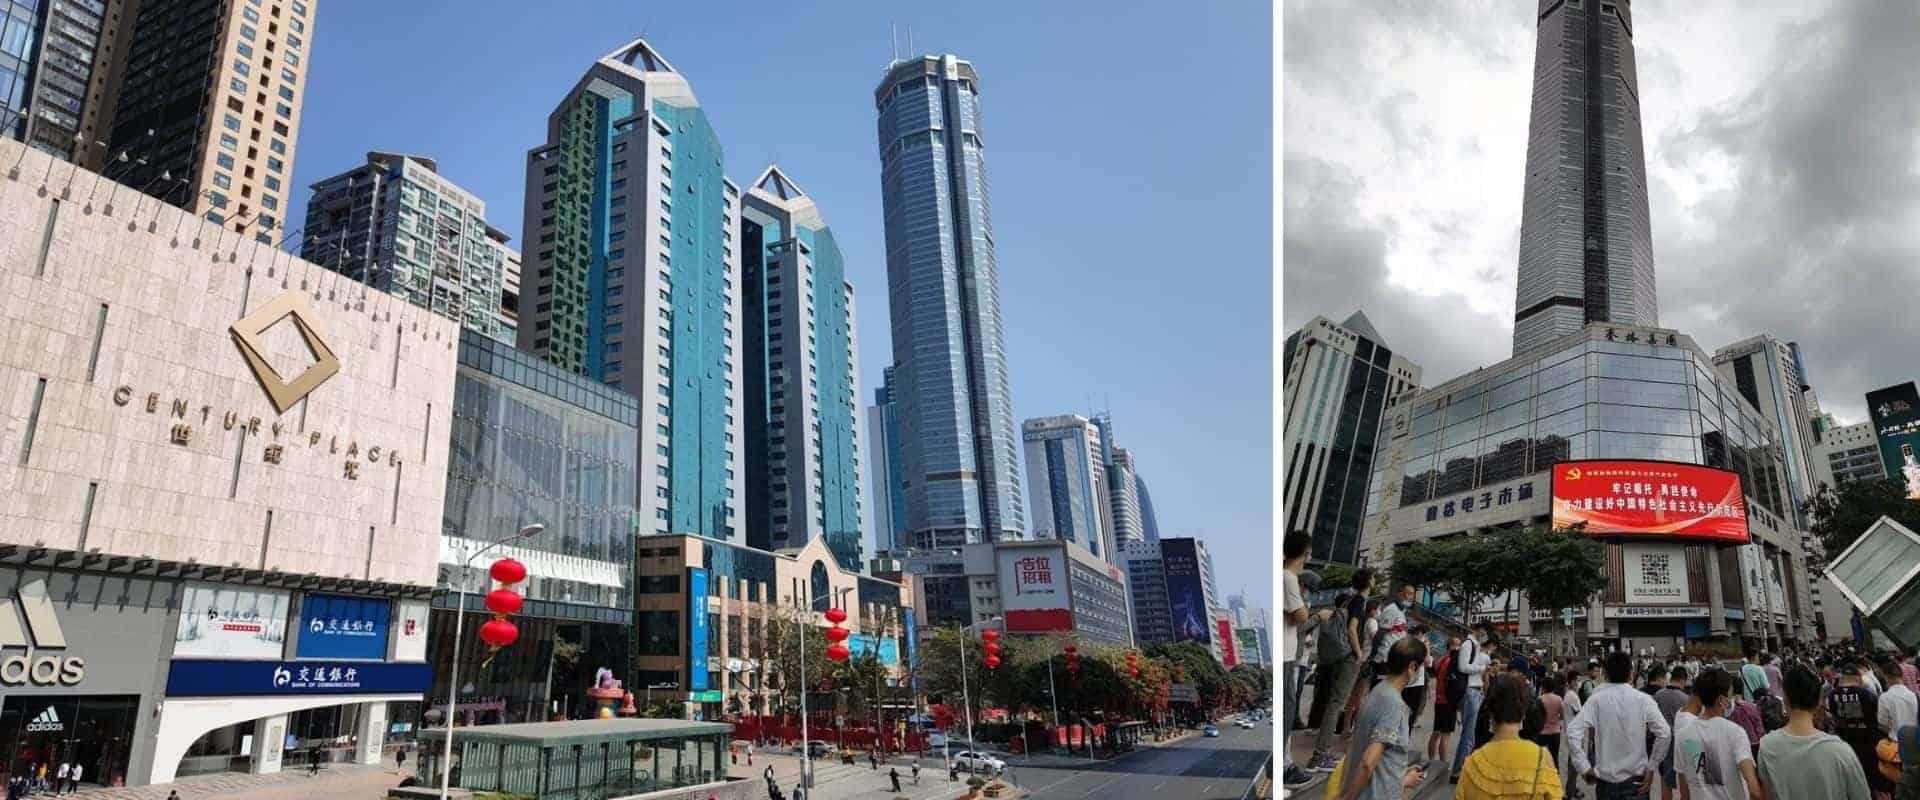 Un rascacielos de China comenzó a temblar de forma misteriosa, generando pánico entre las personas que estaban allí